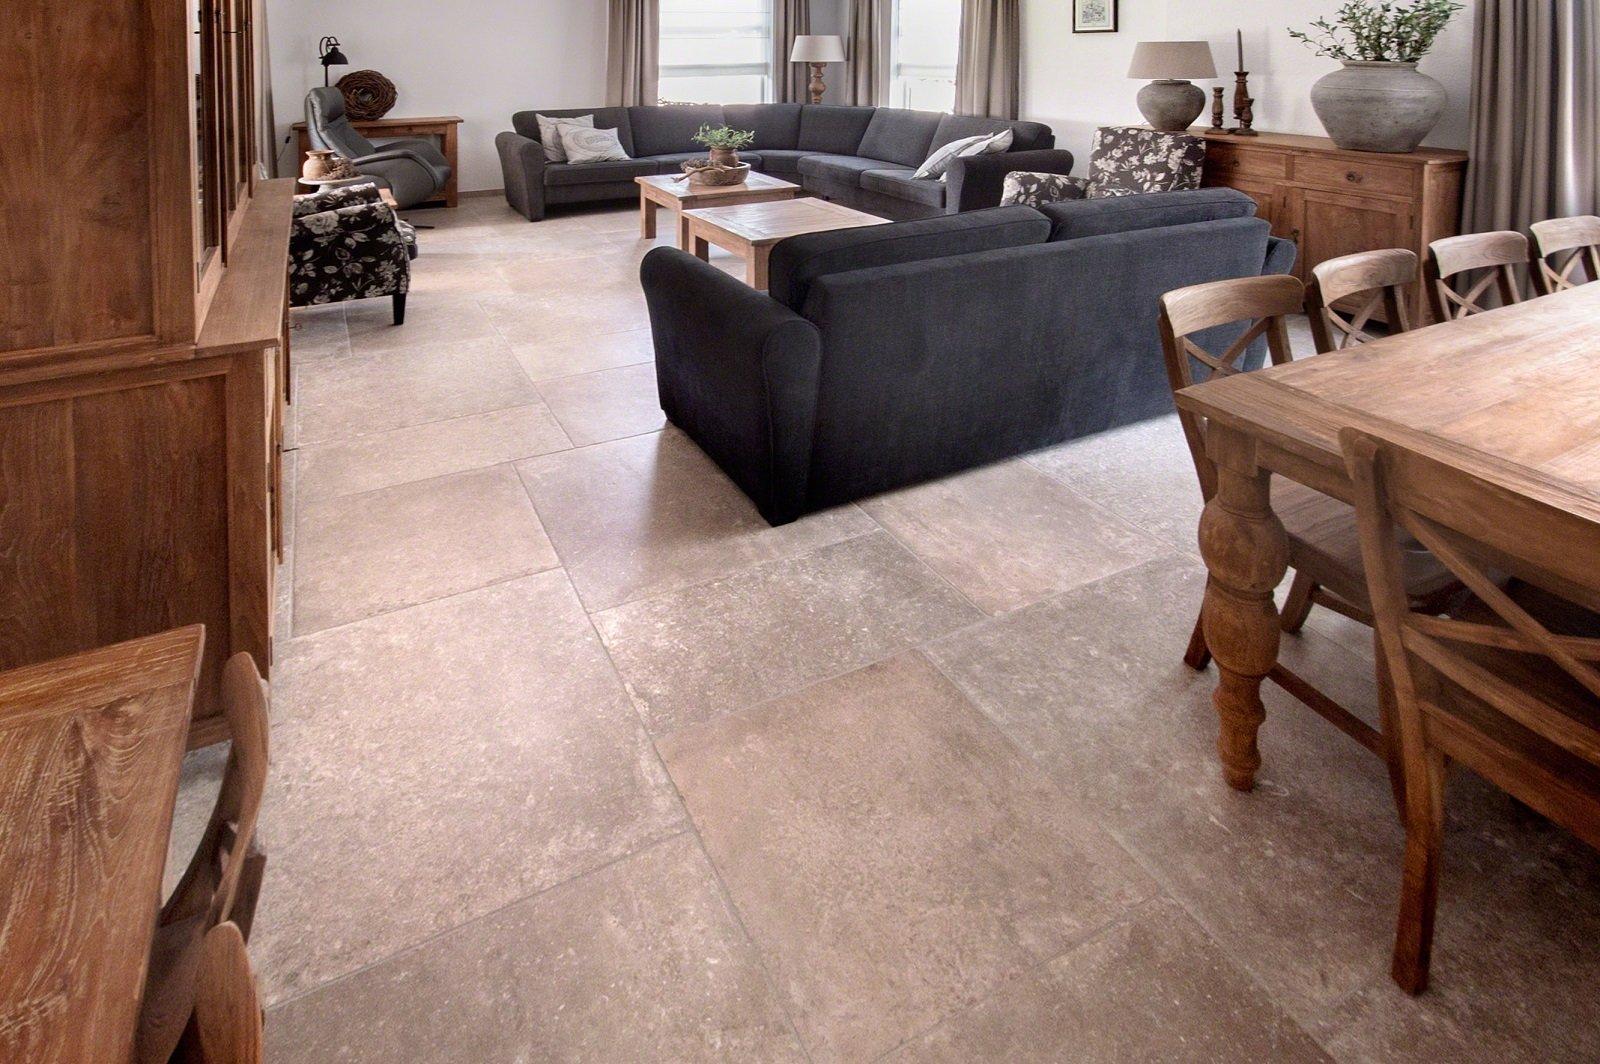 Marmeren Badkamer Vloer : Vloeren en tegels specialist stenen vloeren kroon vloeren